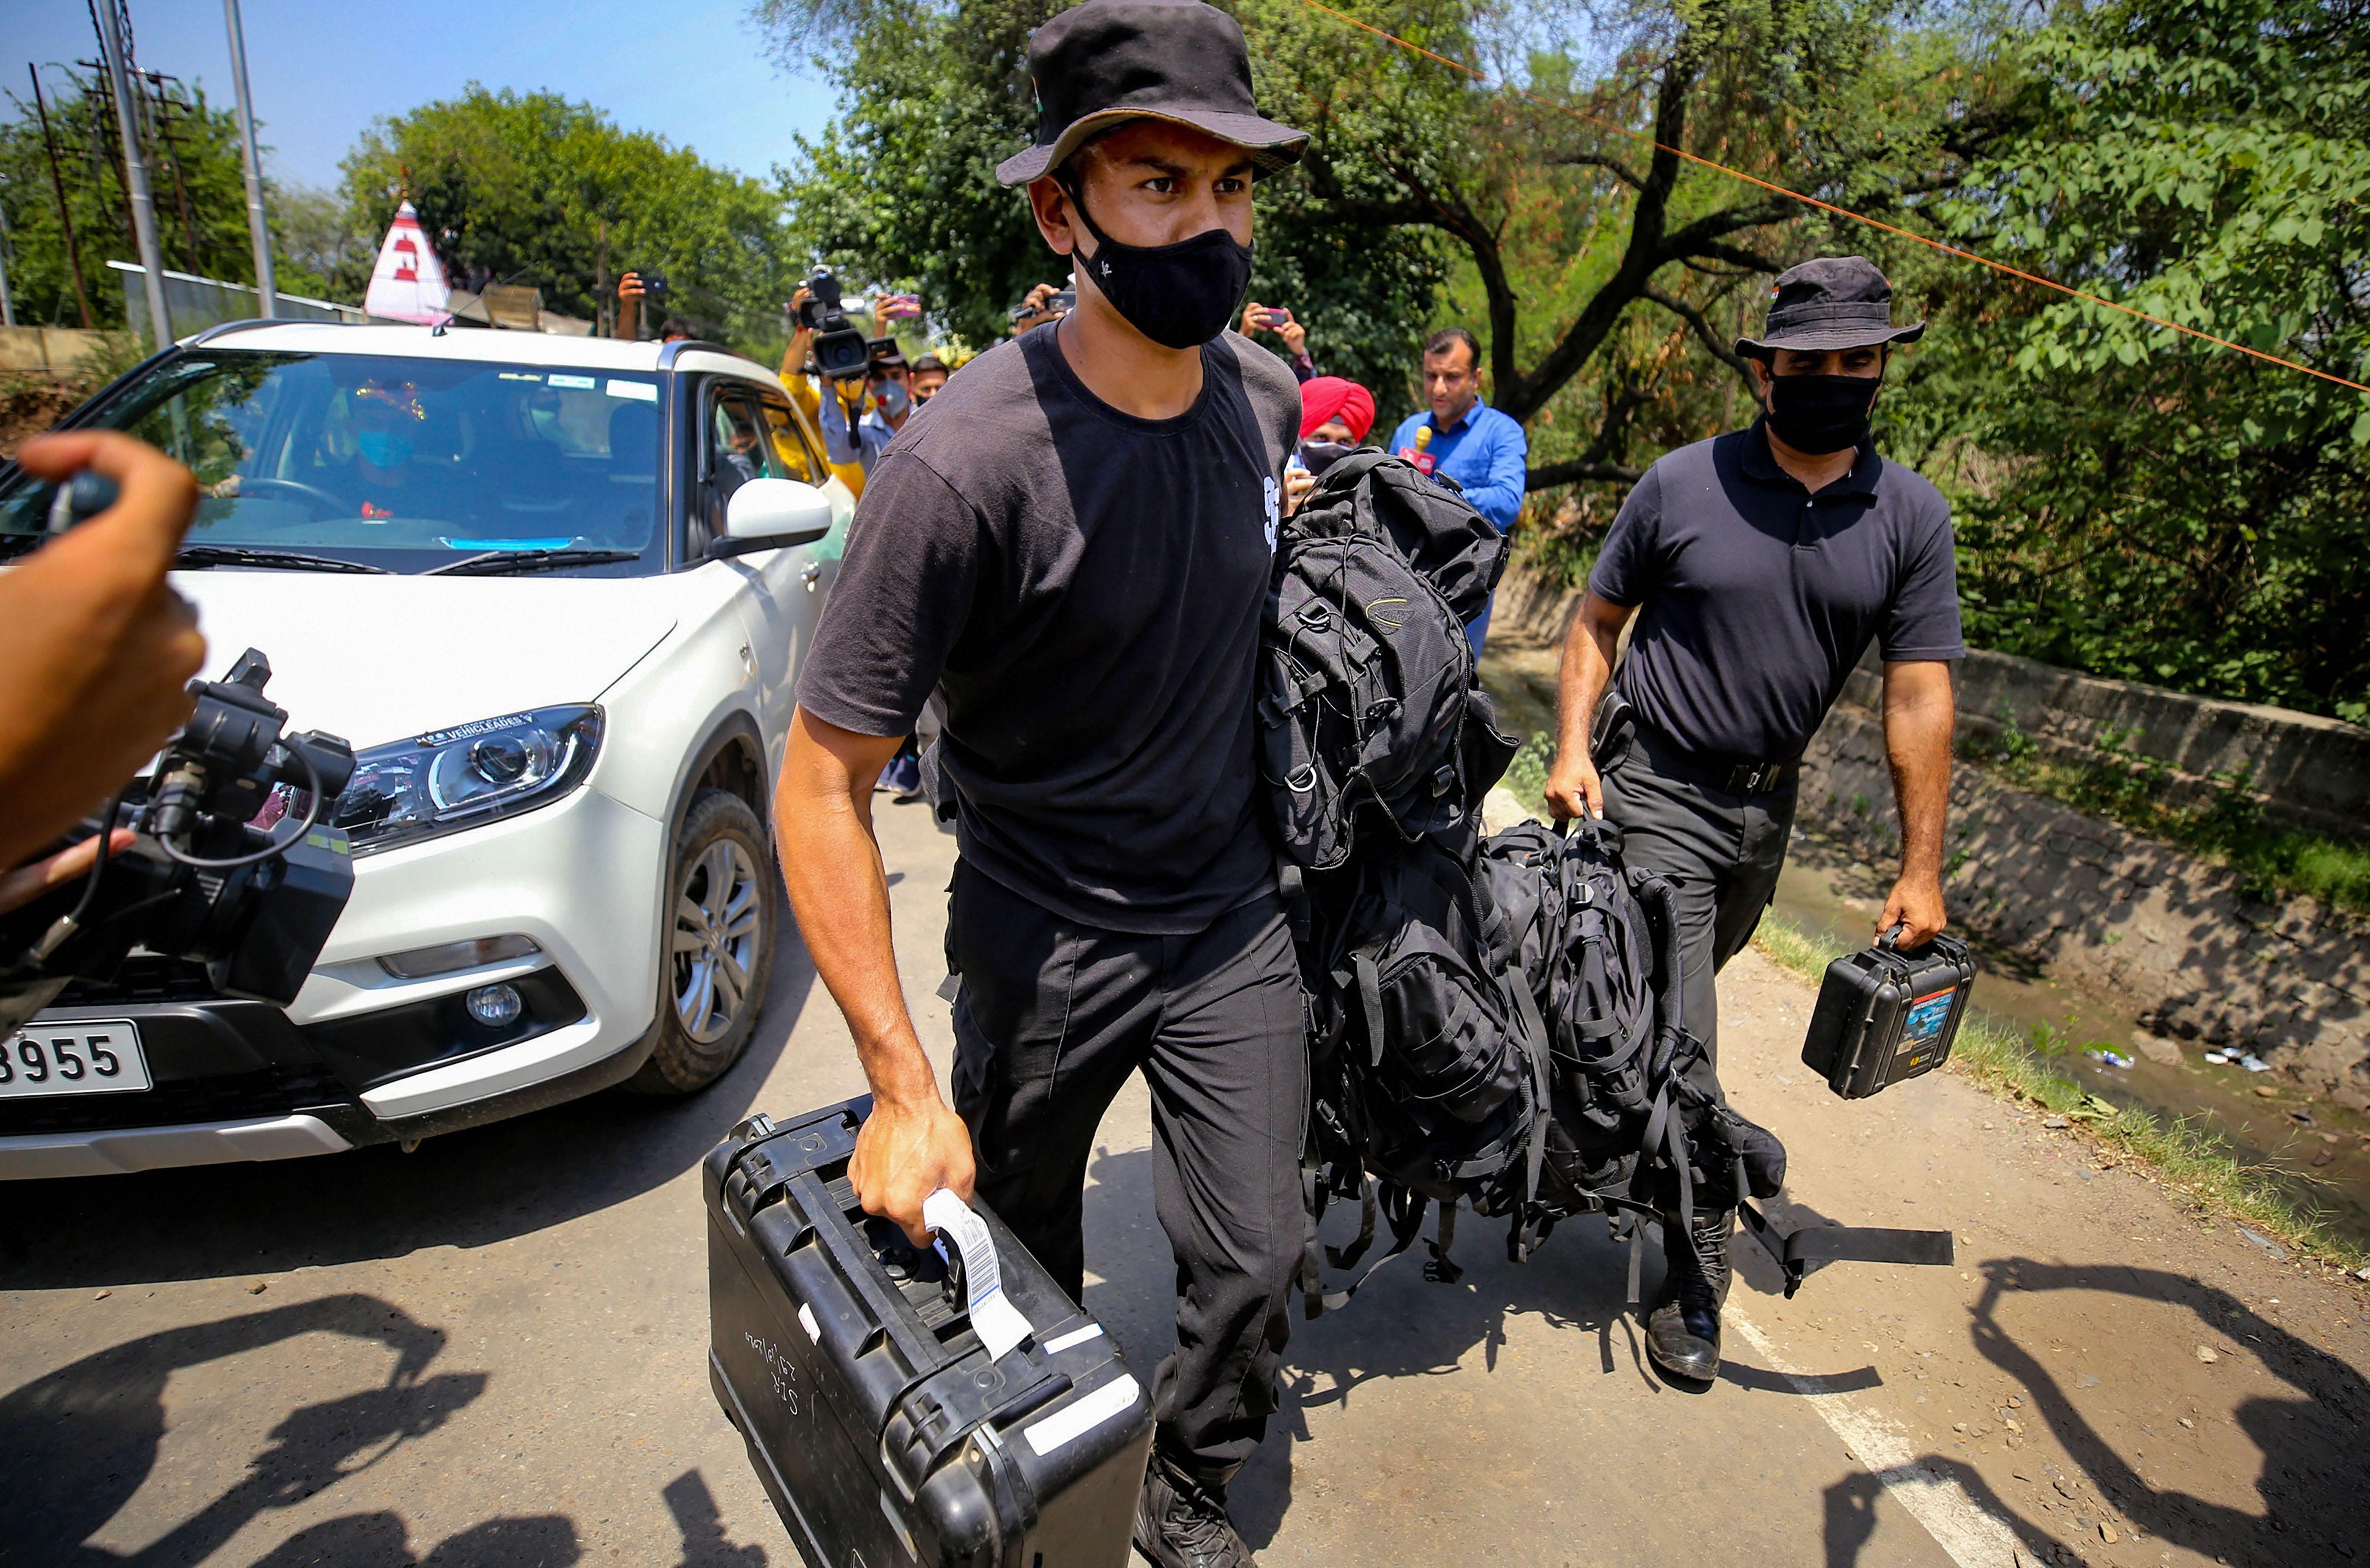 घटना के बाद जम्मू एयरपोर्ट पर स्पेशल फोर्स भेजी गई है।